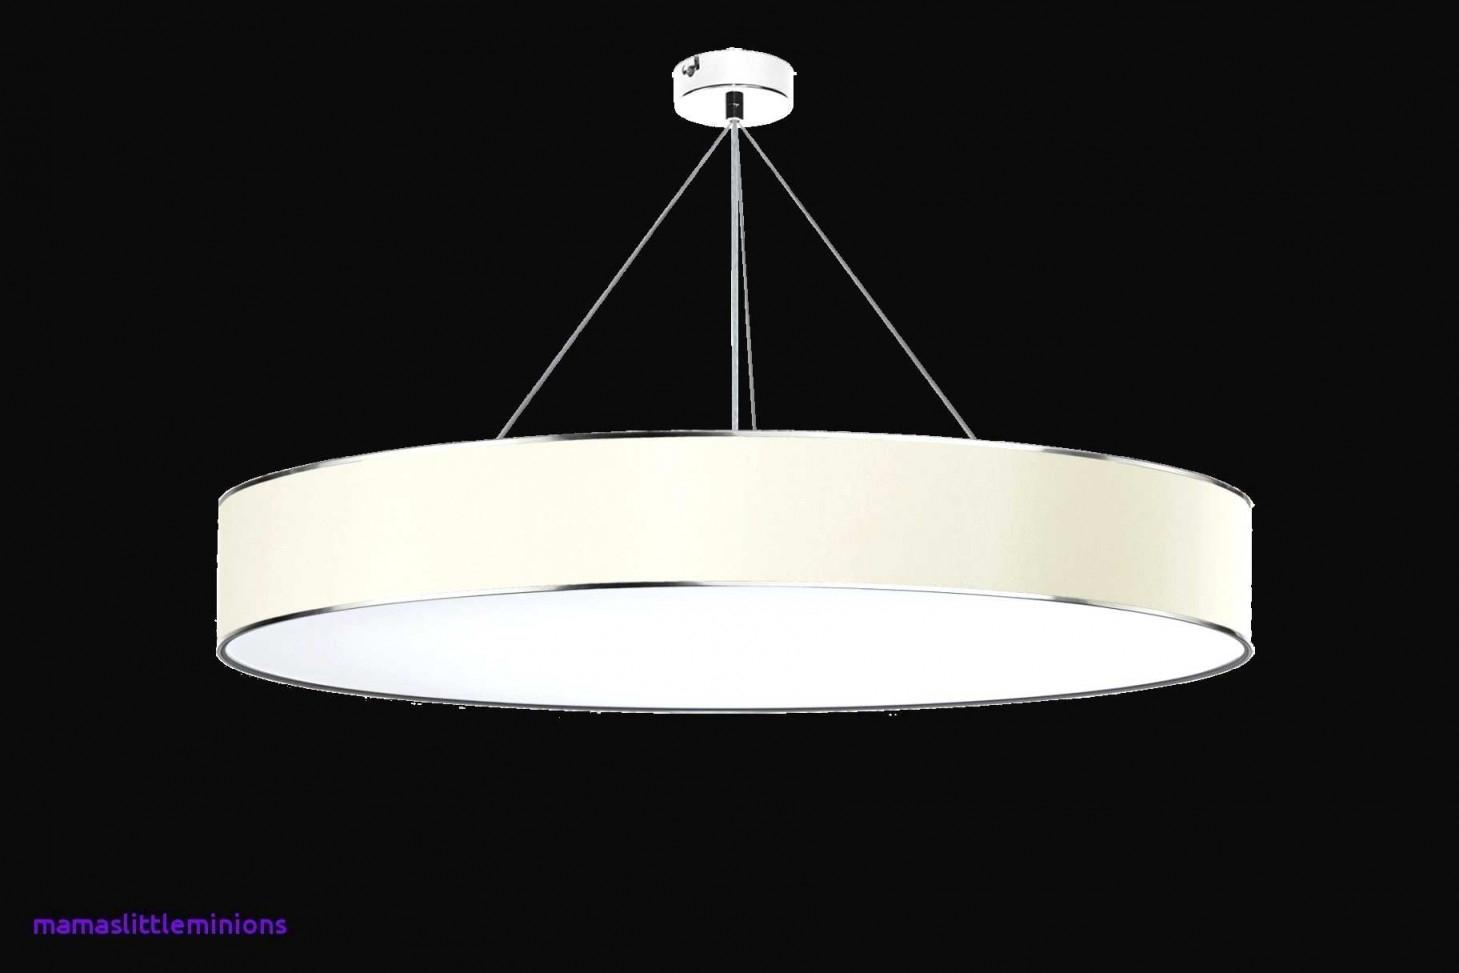 Deckenlampe Wohnzimmer Landhaus – Caseconrad von Deckenlampe Wohnzimmer Landhausstil Bild